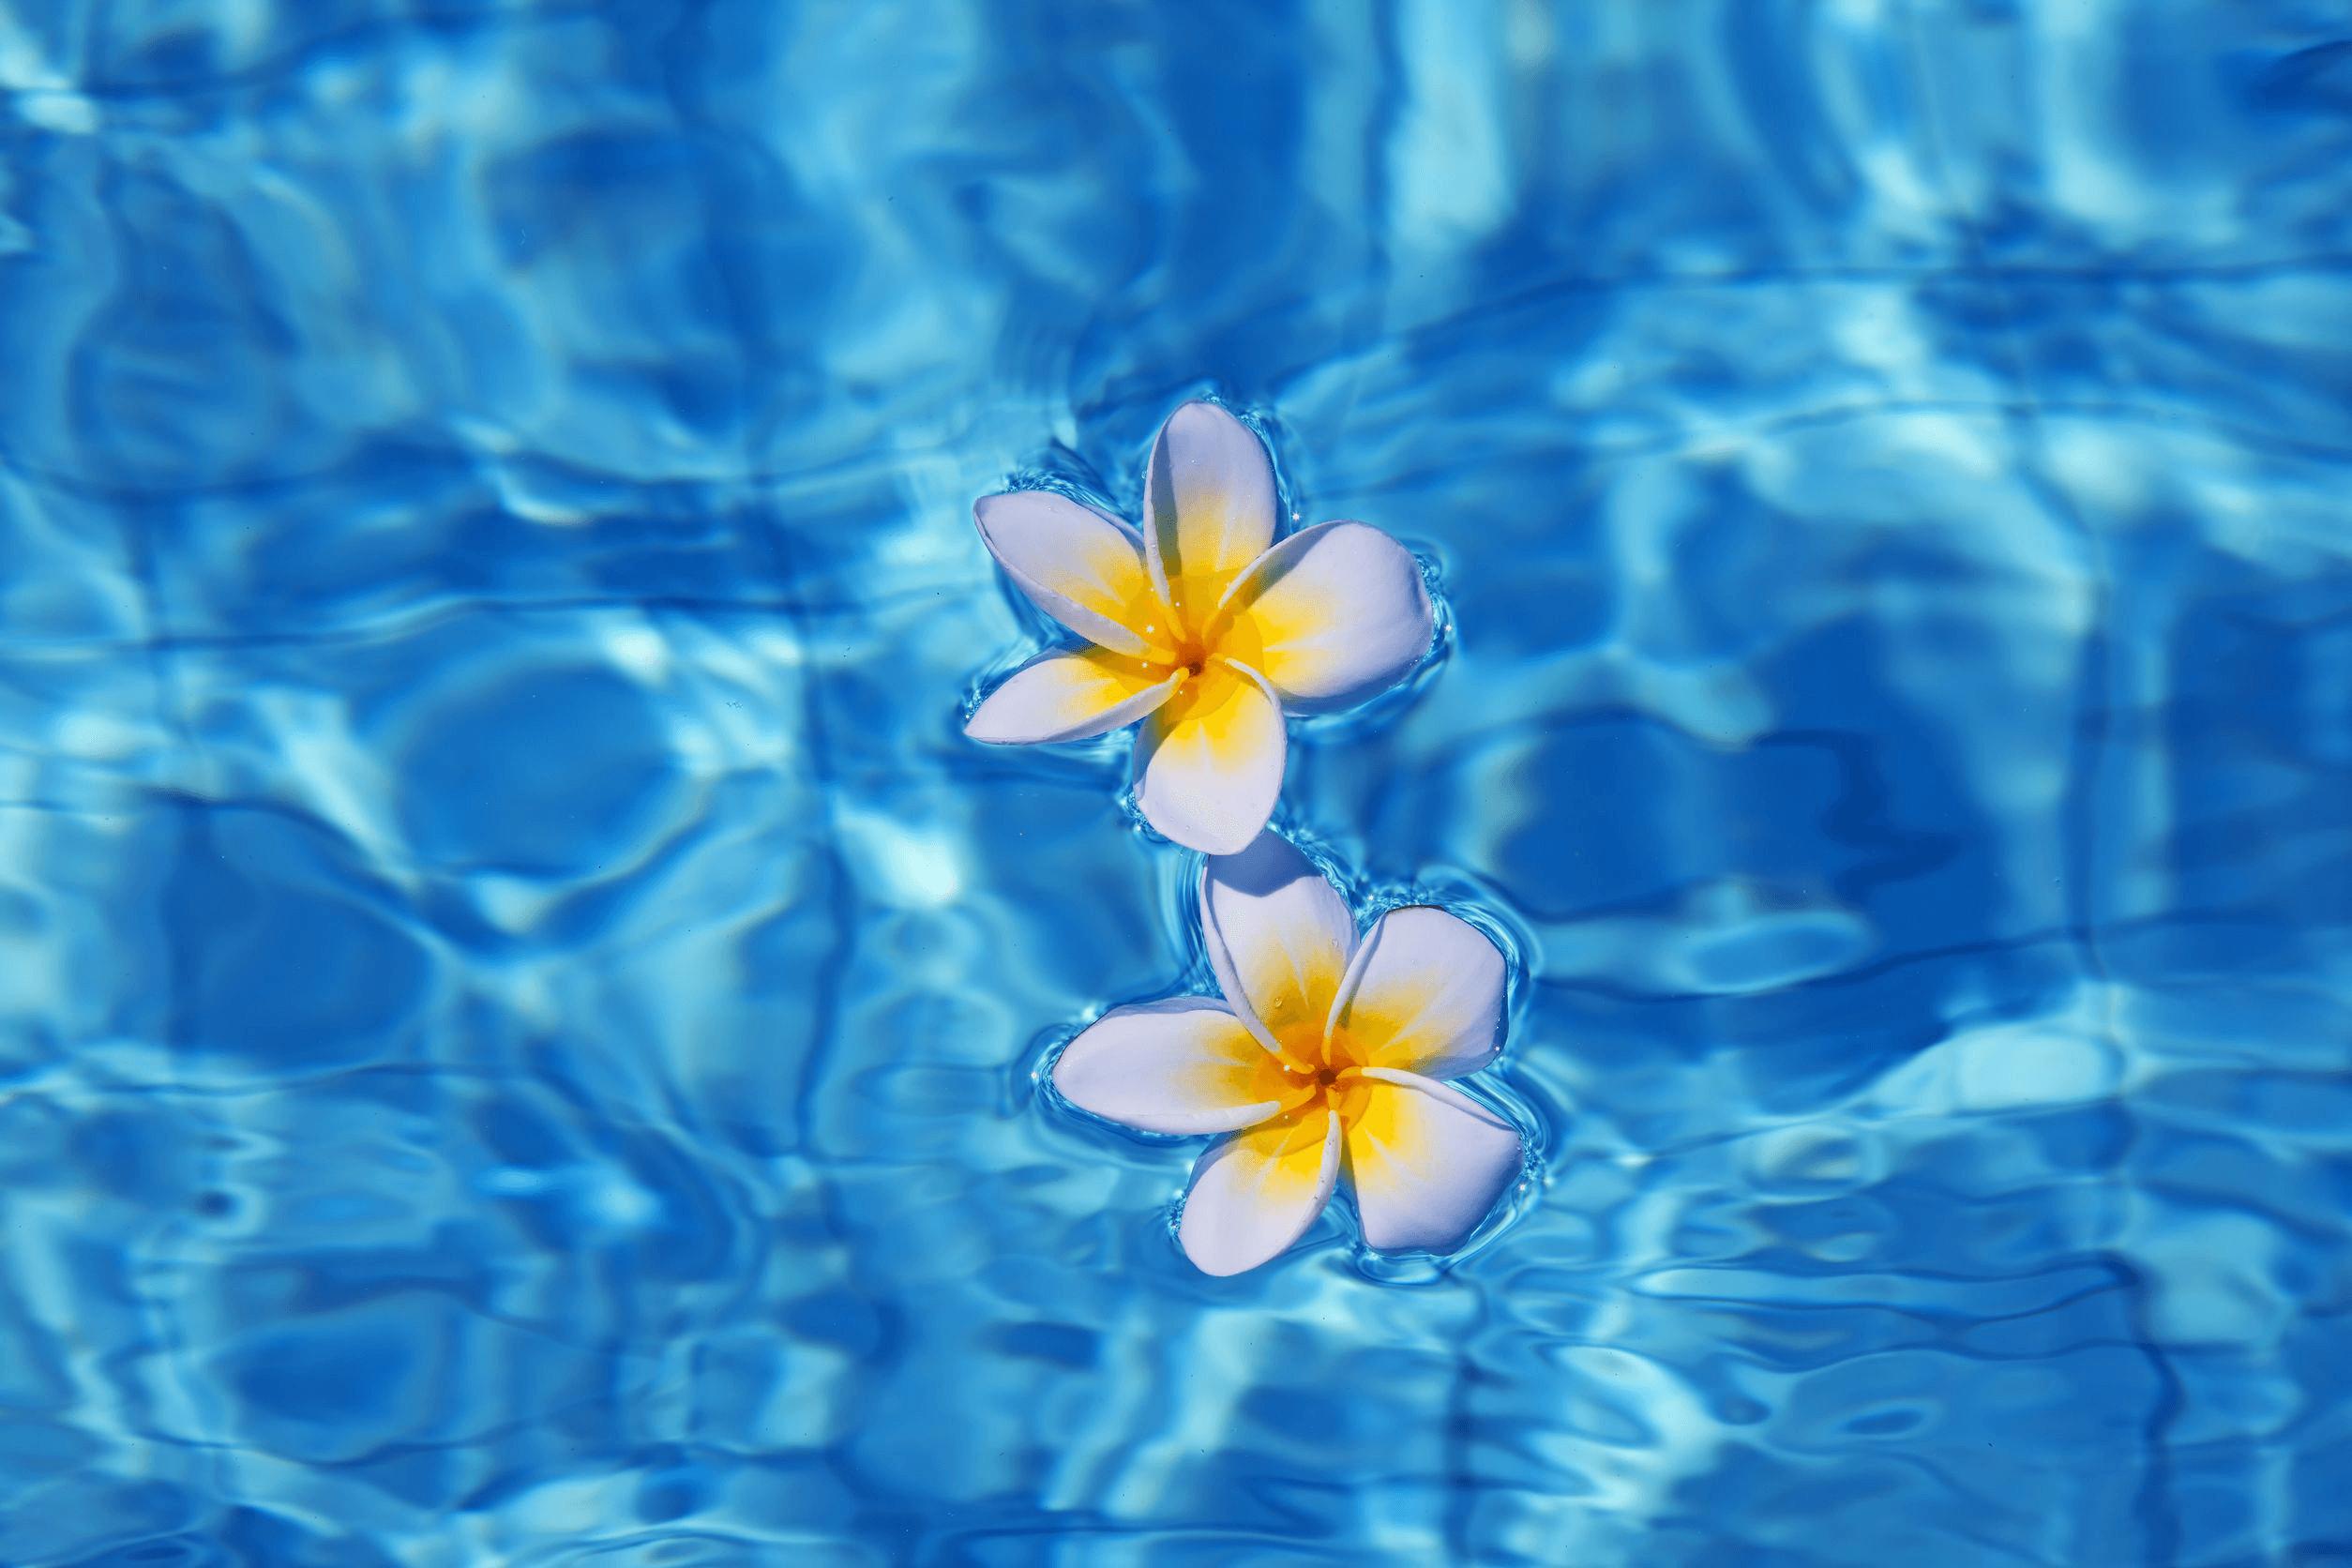 Adjusting pool water hardness